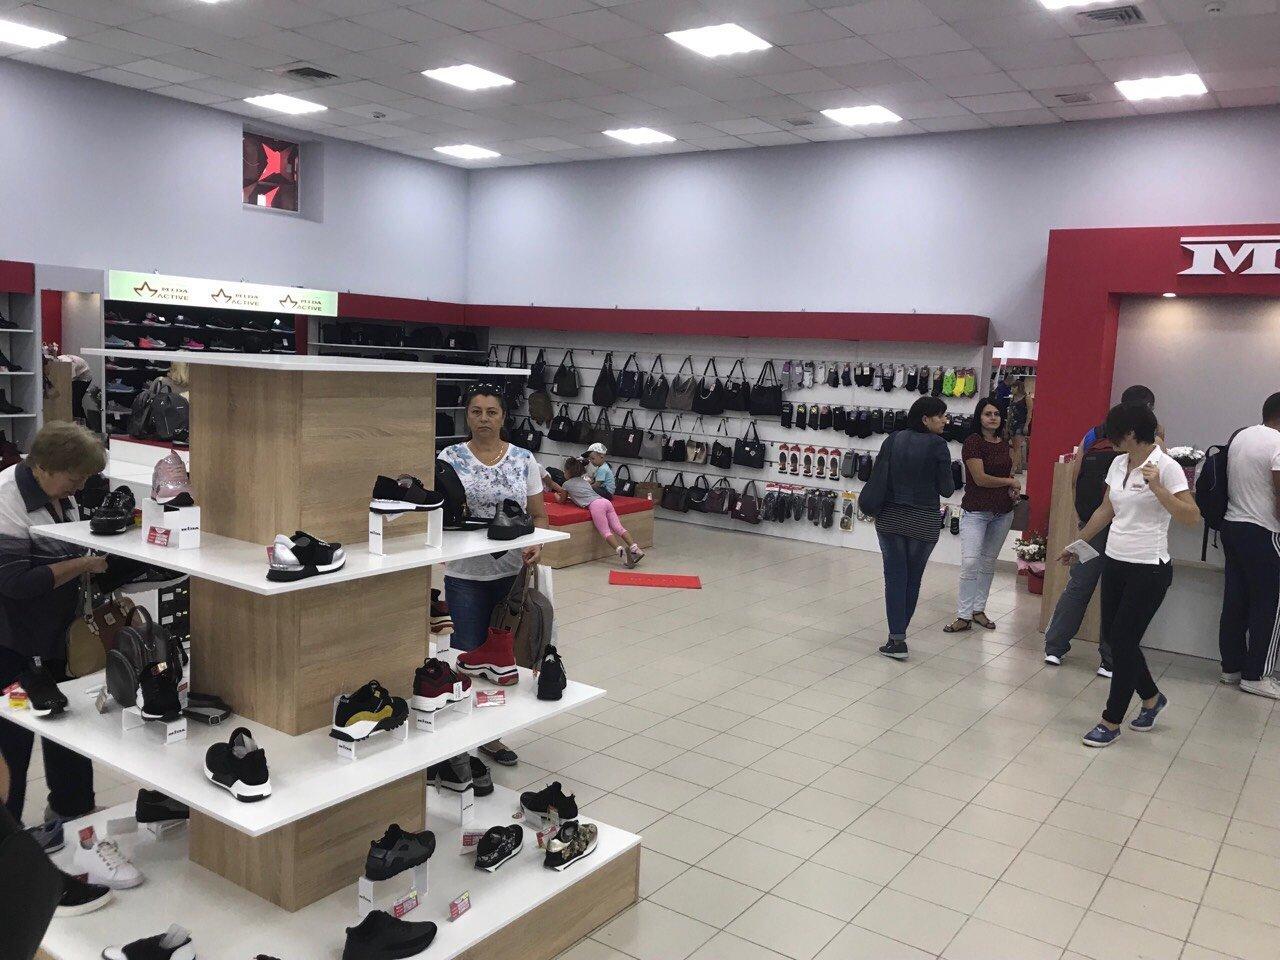 гіпермаркету взуття МІДА!! Більше тисячі квадратних метрів простору!!! Більше  тисячі моделей якісного взуття!!!! Нова колекція взуття 21642e8a98392